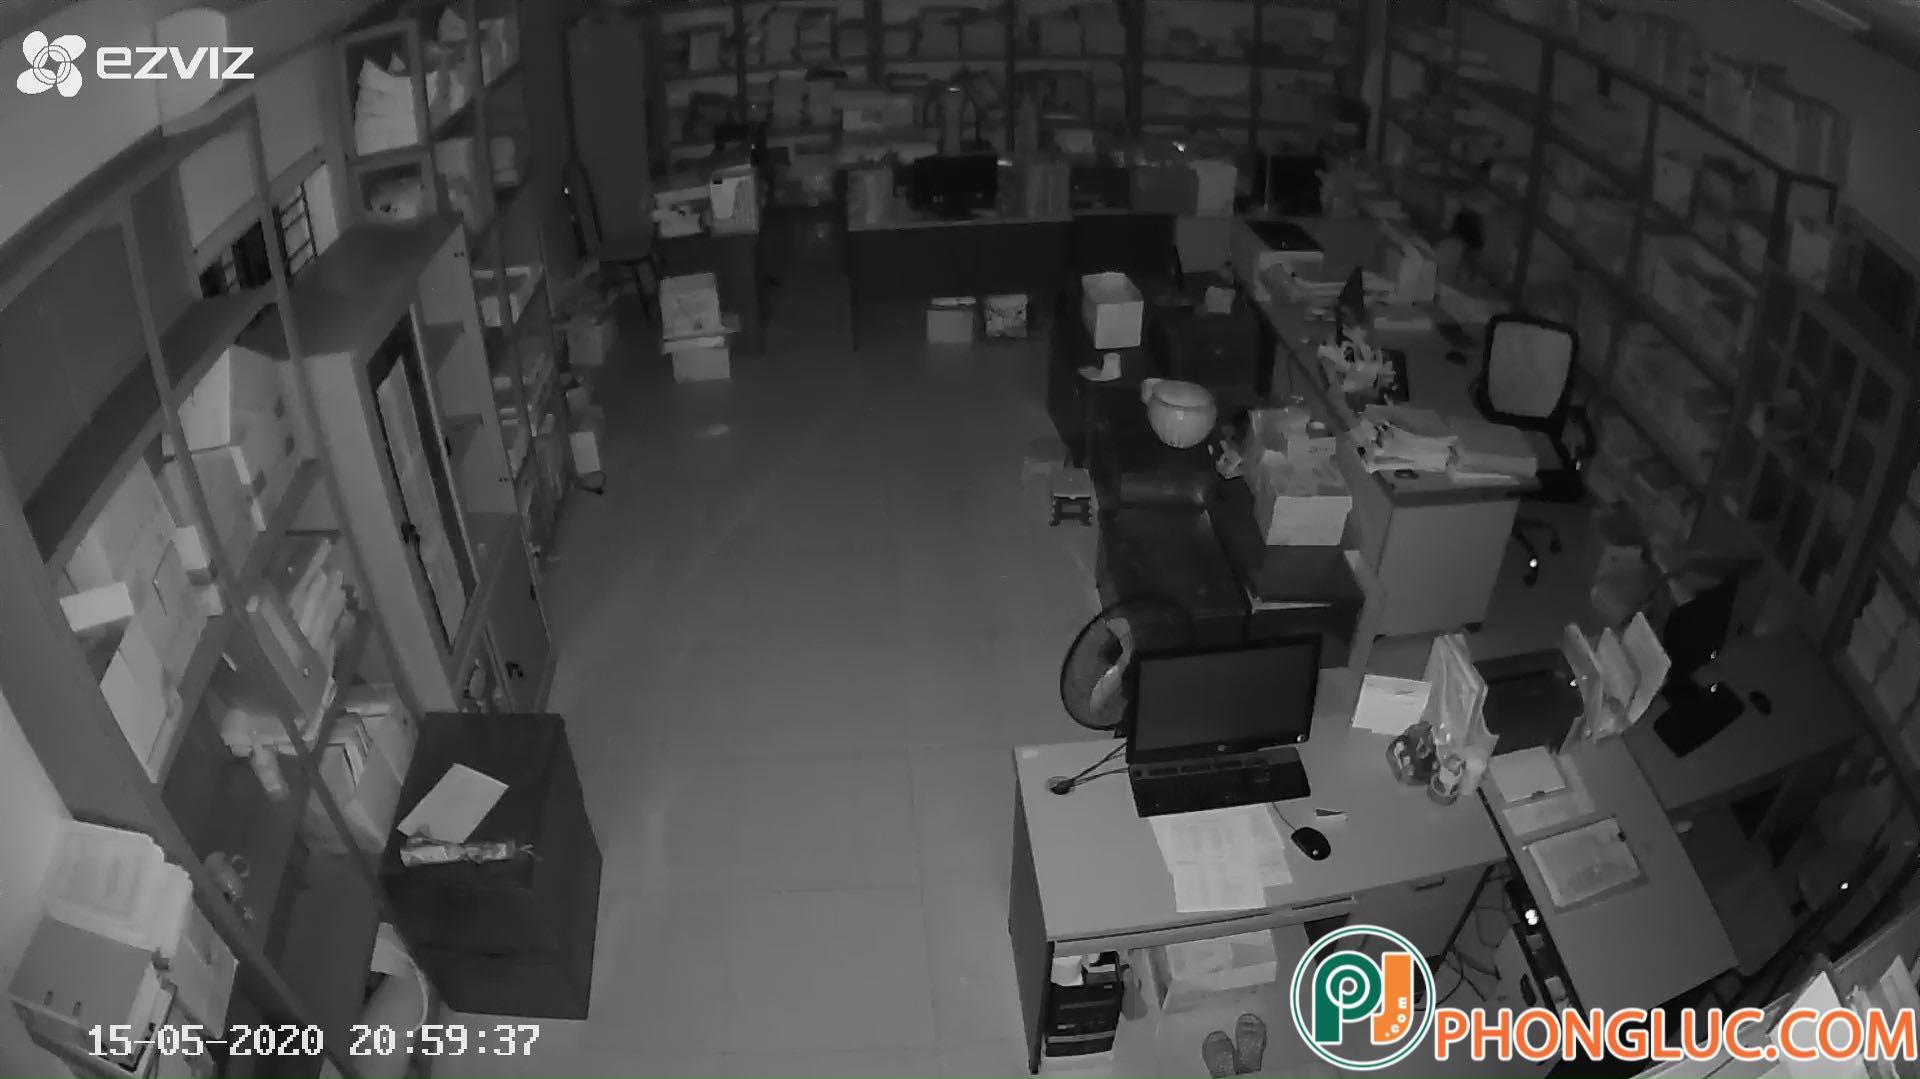 Hình ảnh quan sát ban đêm Camera C1C Full HD